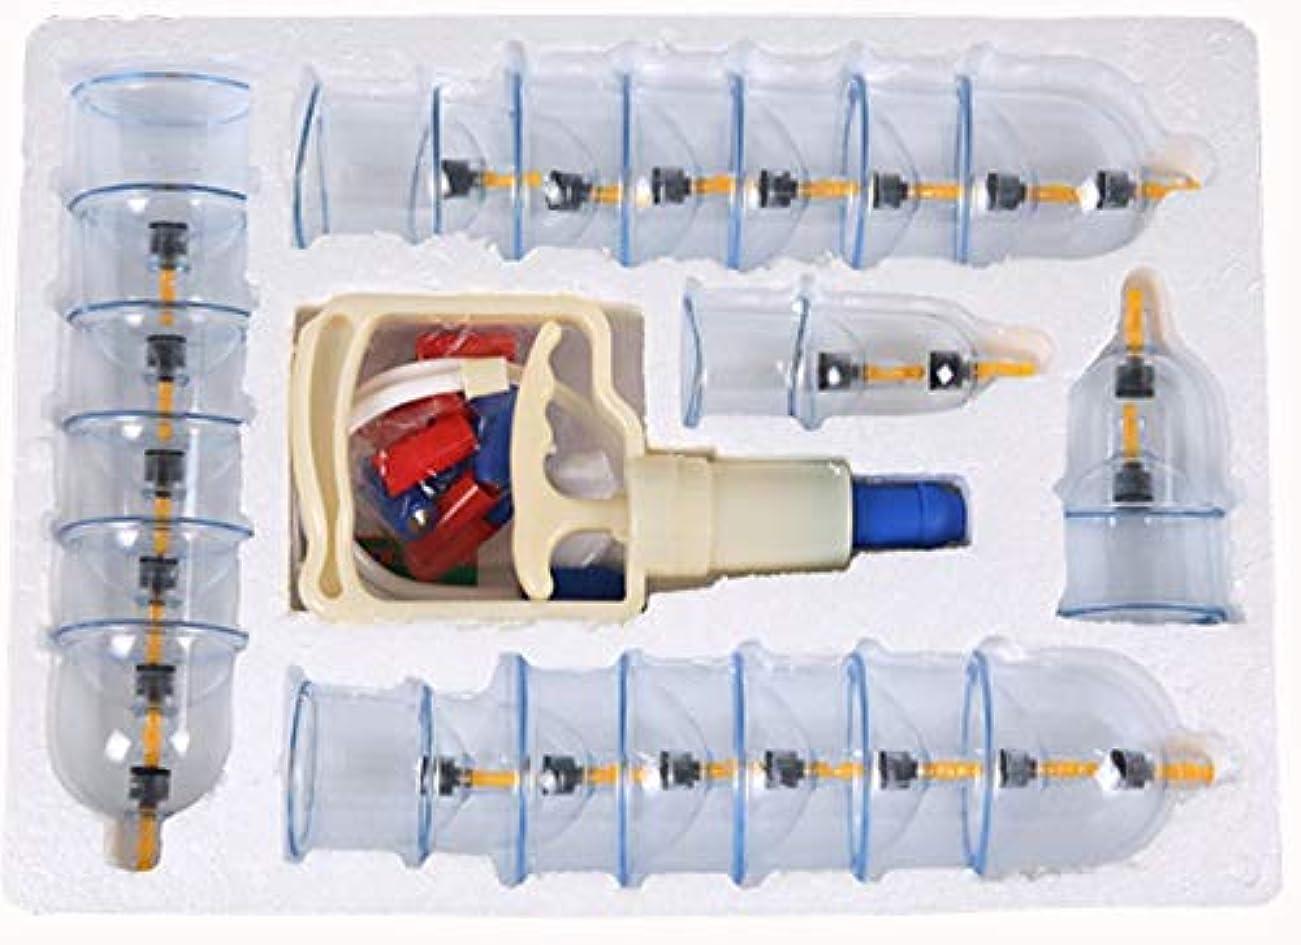 レジデンス繁殖苦味(ラフマトーン) カッピング 吸い玉 大きいカップが多い 吸い玉 5種 24個セット 磁針 12個 関節用カップ付 脂肪吸引 自宅エステ